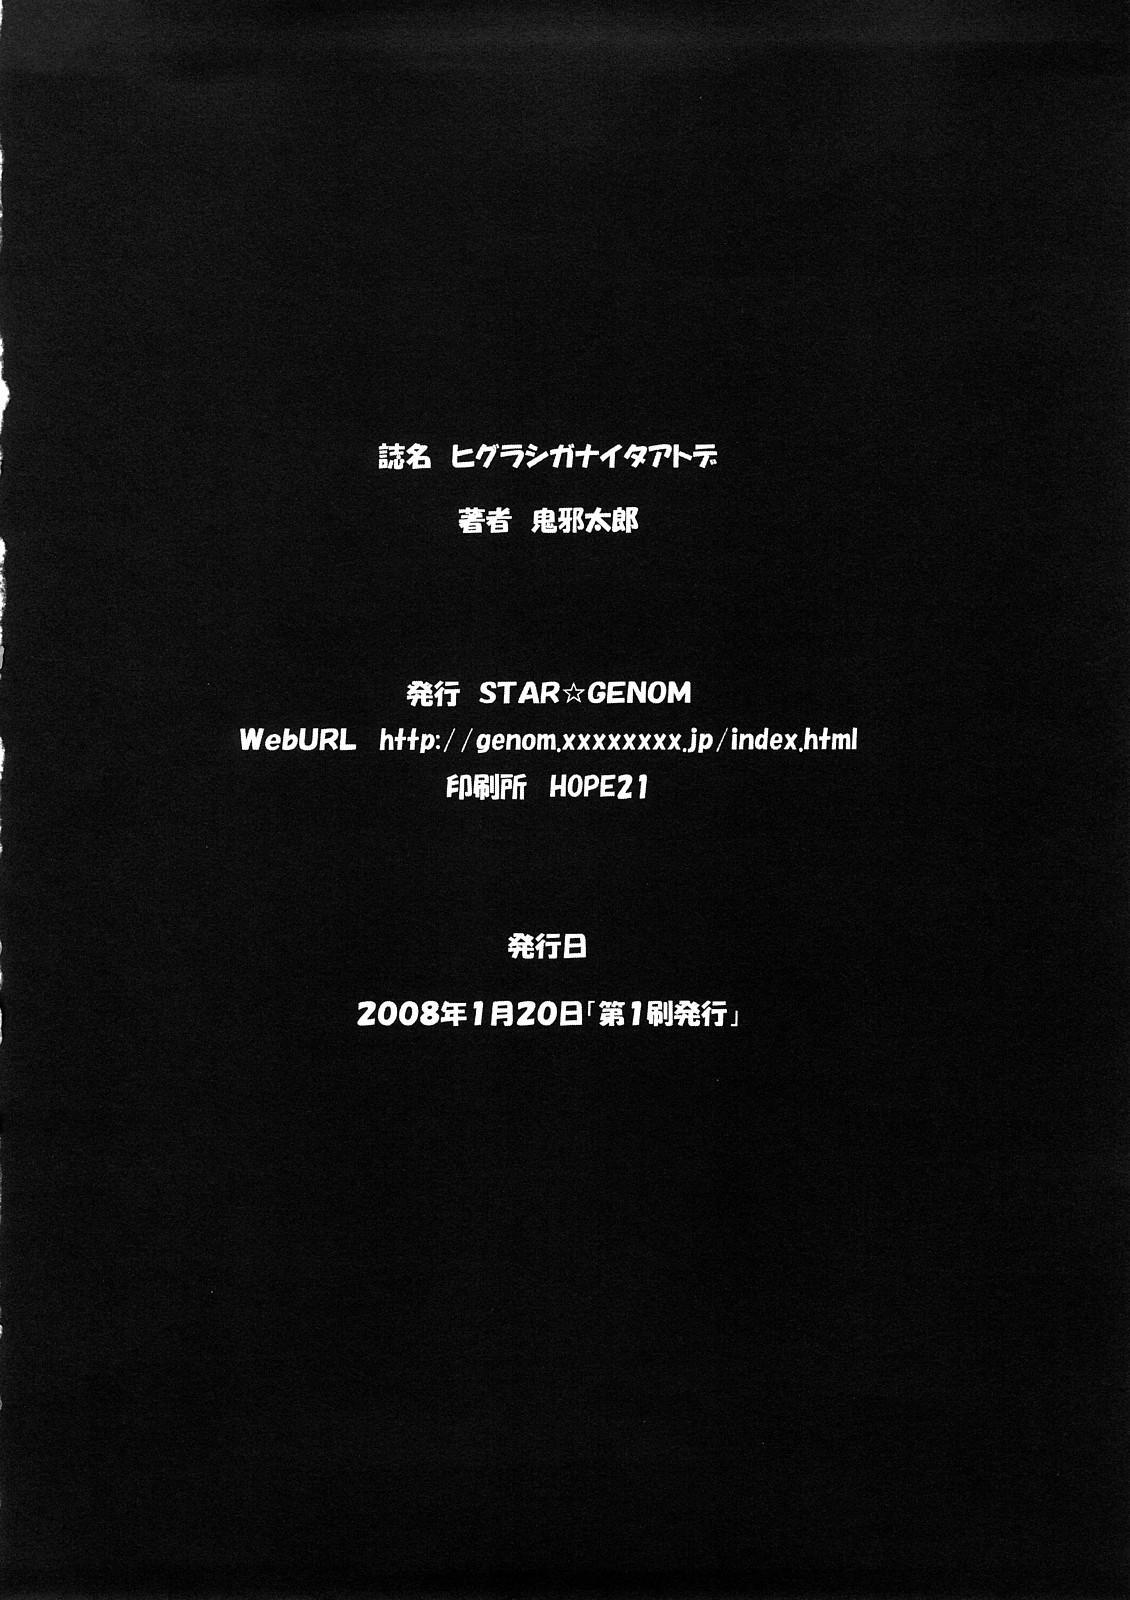 Higurashi ga Naita Ato de 24